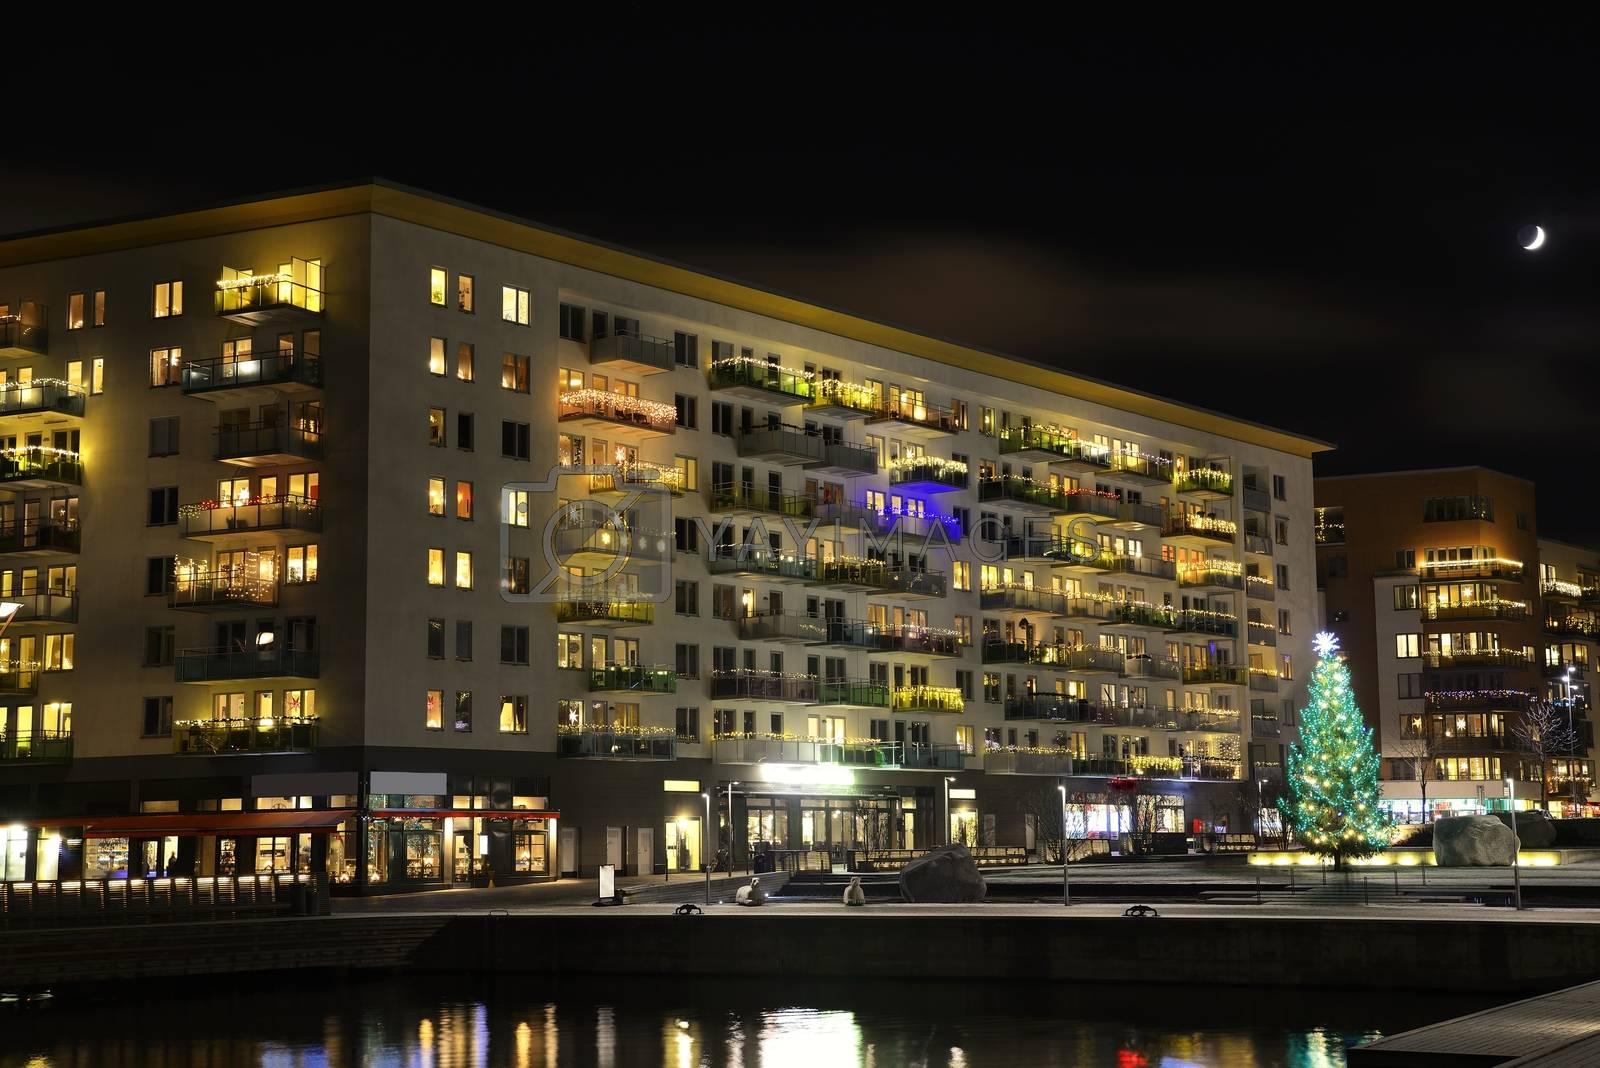 Stockholm embankment - Liljeholmen